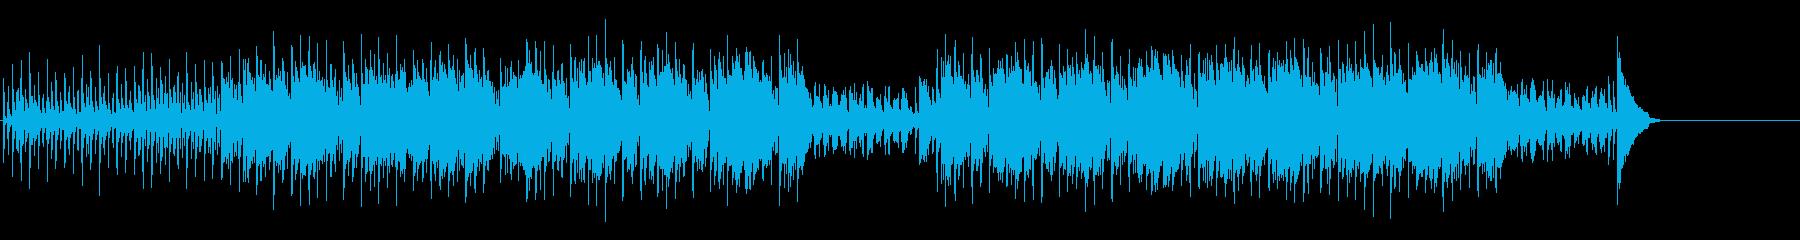 南洋ムード伴うしなやかなポップの再生済みの波形